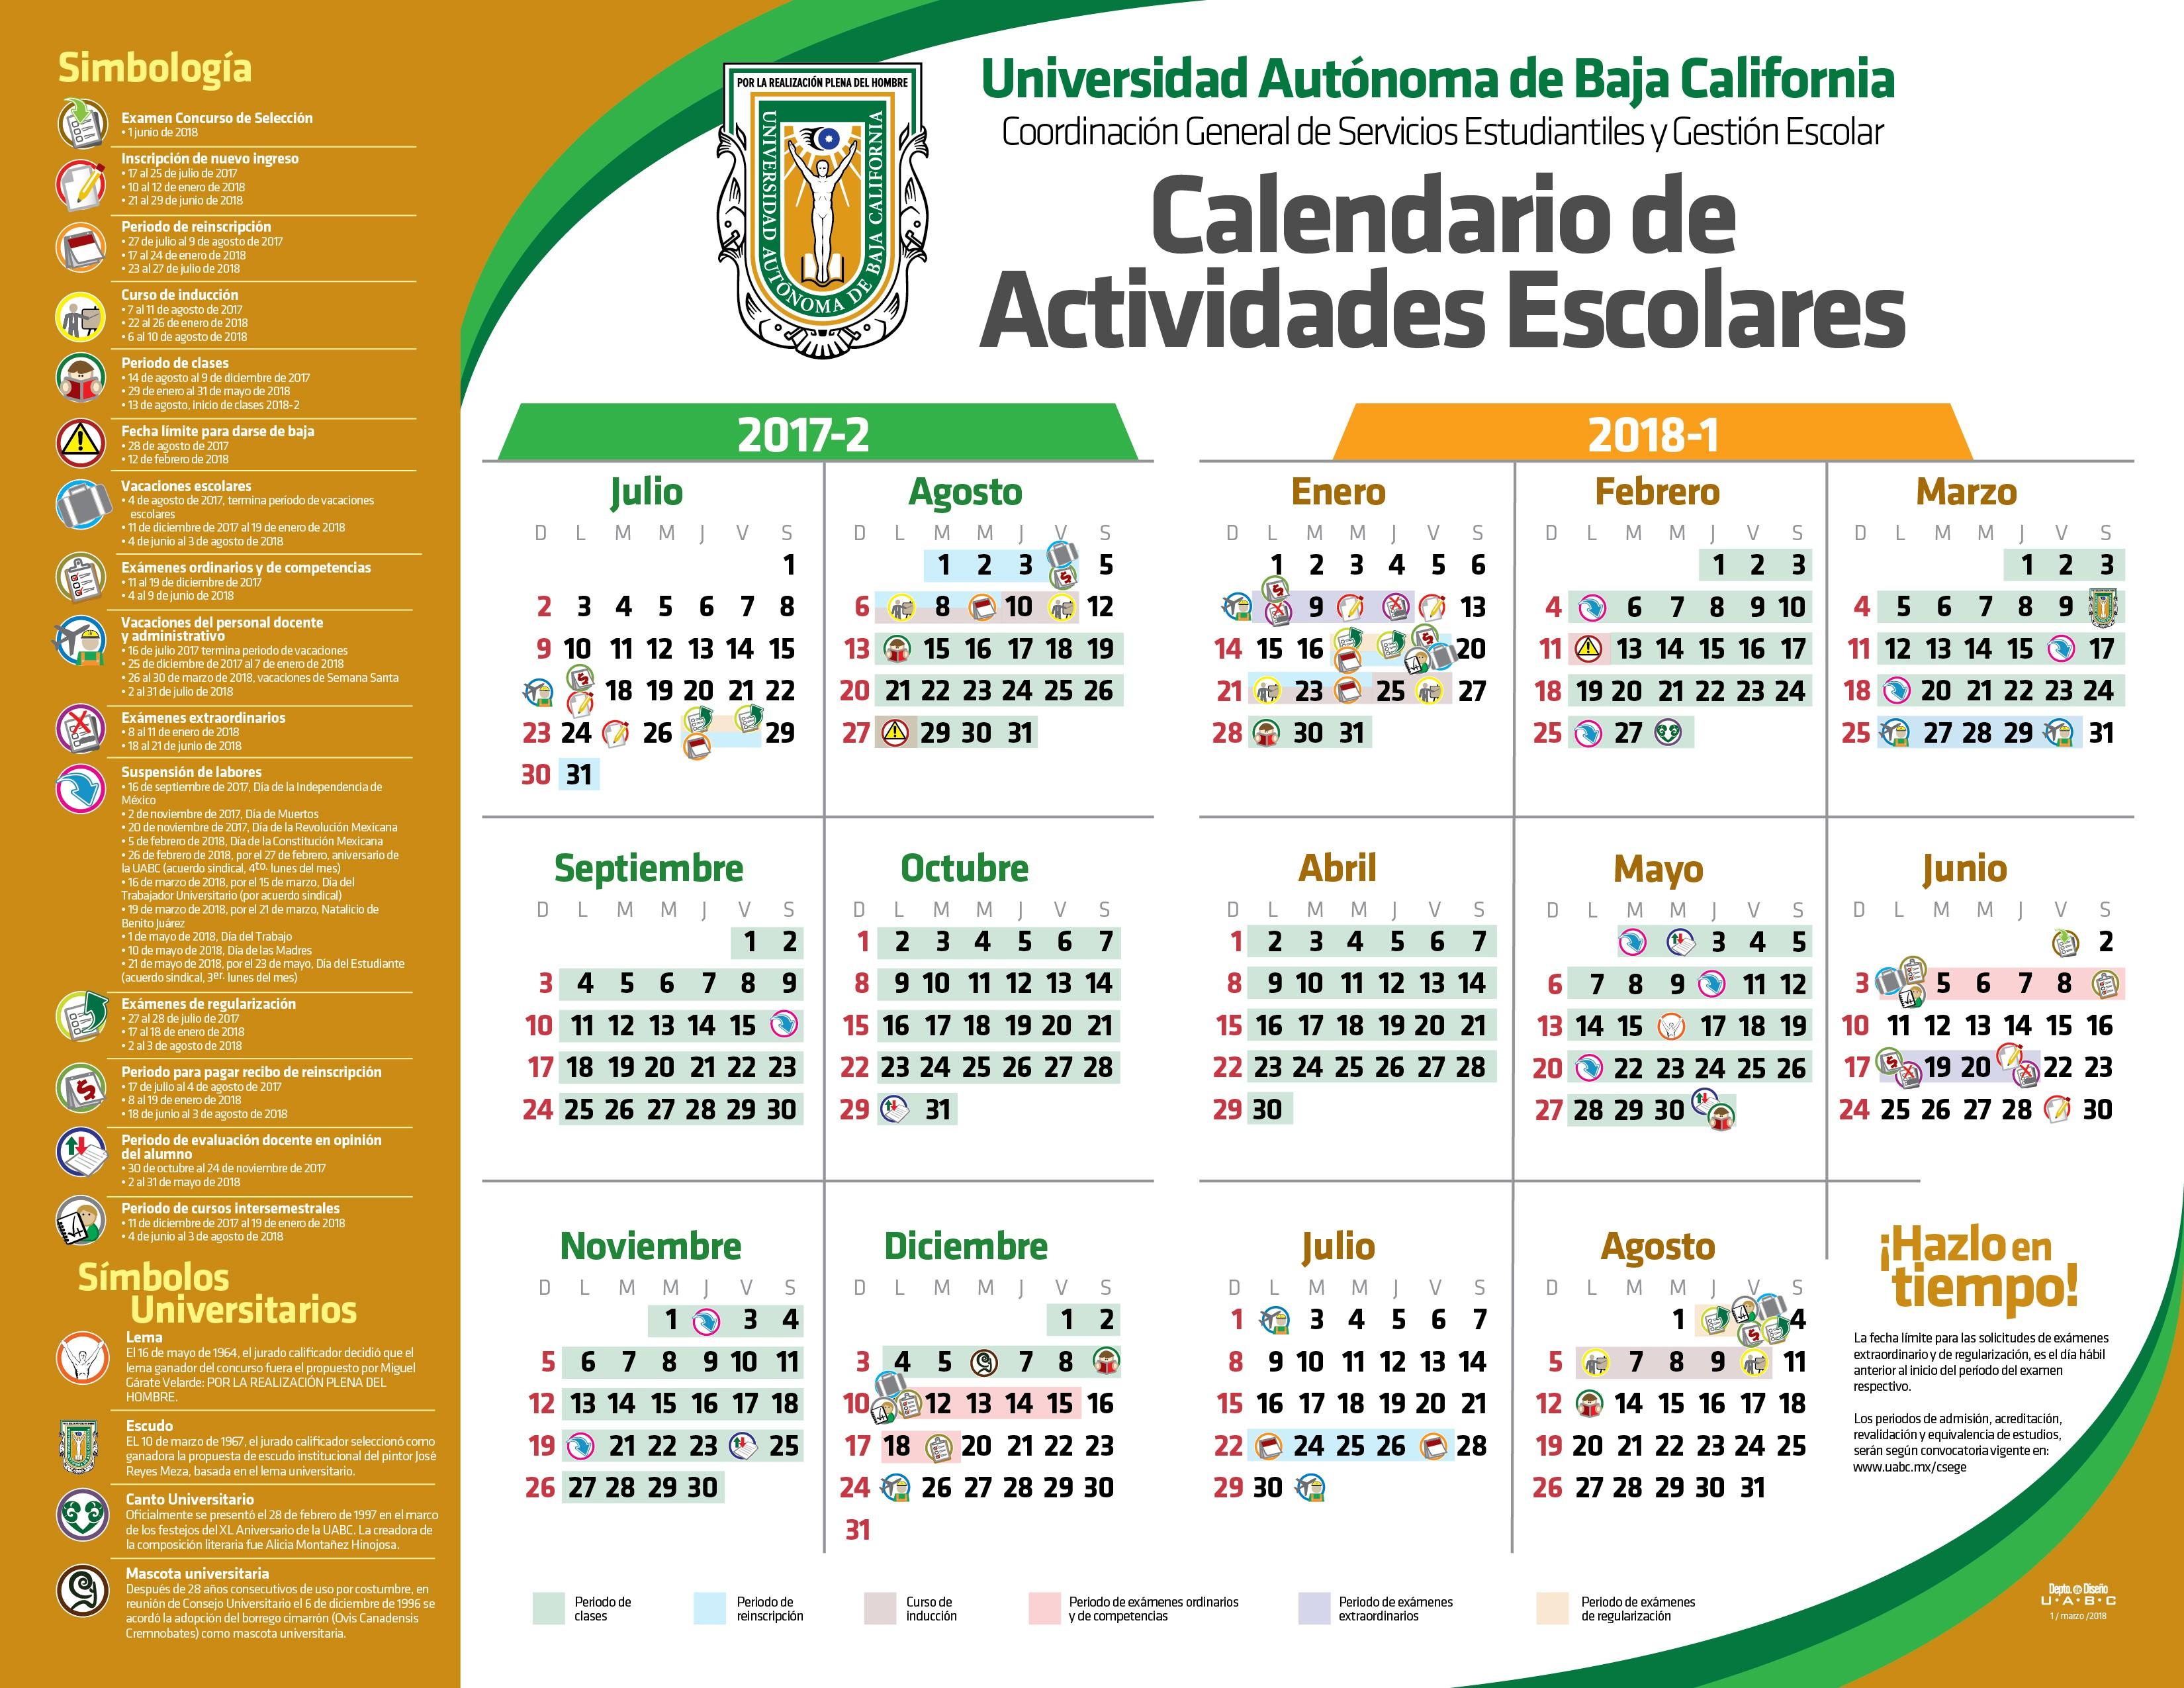 Calendario de Actividades Escolares 2017 2 2018 1 Actulizado